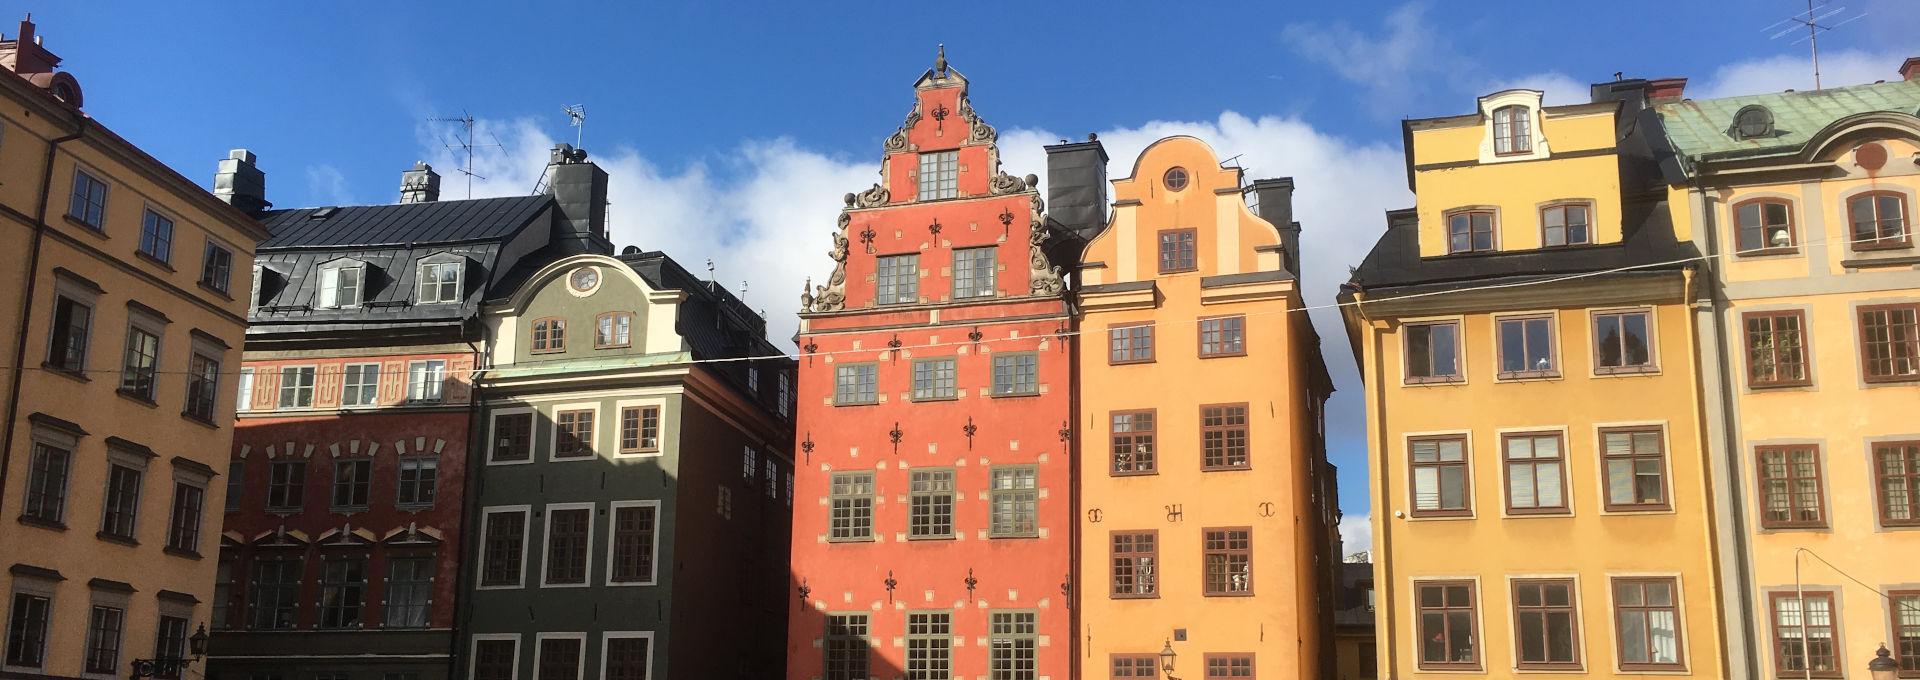 Stoccolma con Mary